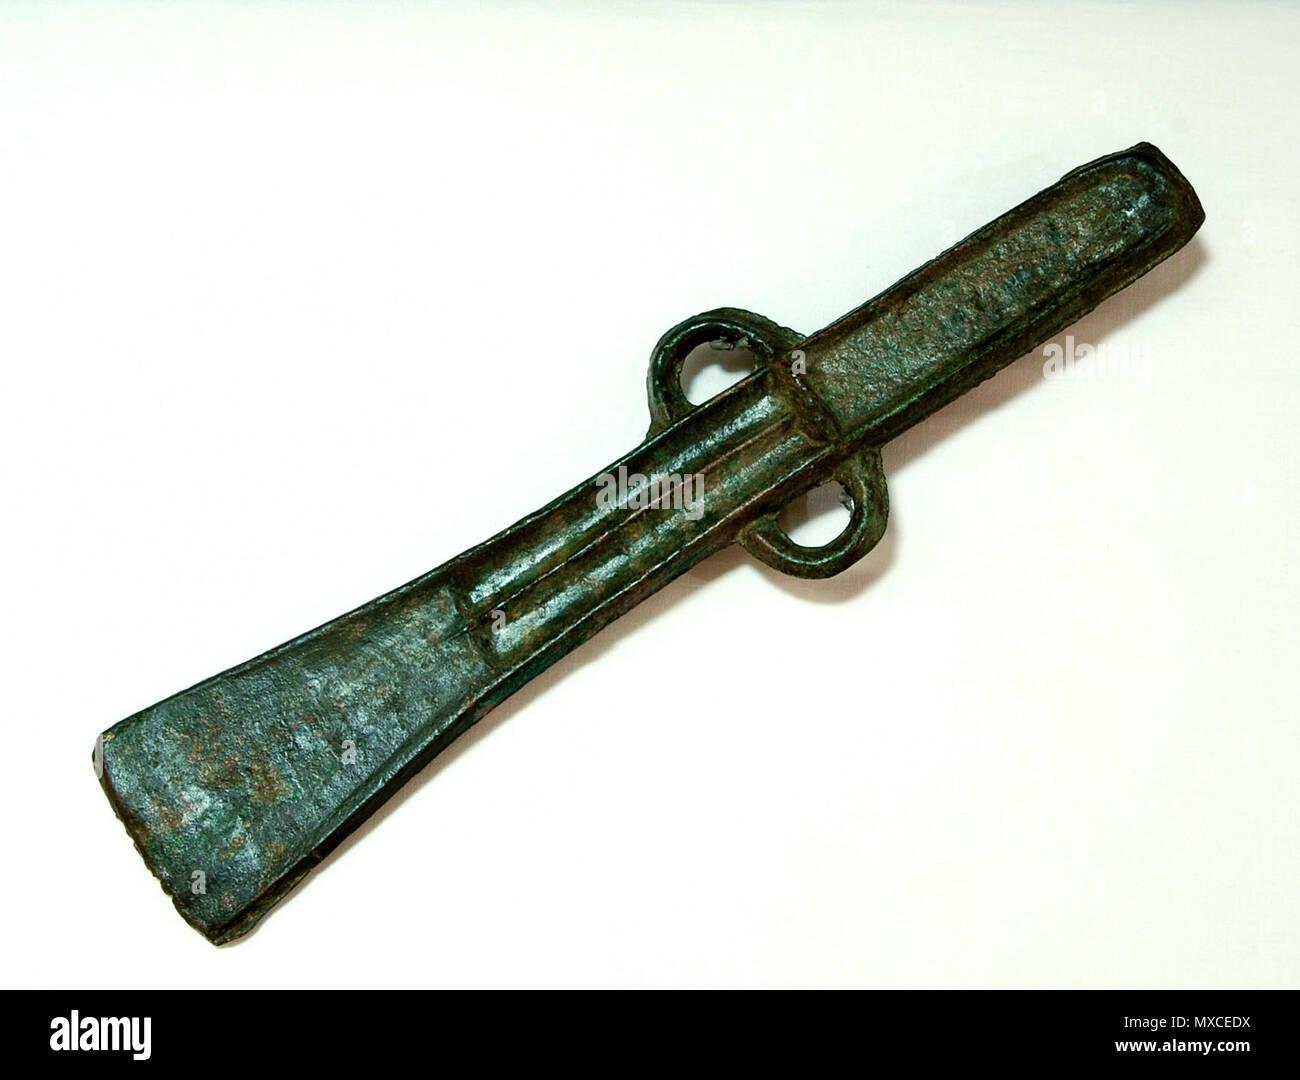 . Español: Hacha de doble anillo del Bronze Final . 14 April 2008, 11:10:20. Biblioteca Museu Víctor Balaguer 89 BMVB- Hacha de doble anillo-3174 - Stock Image